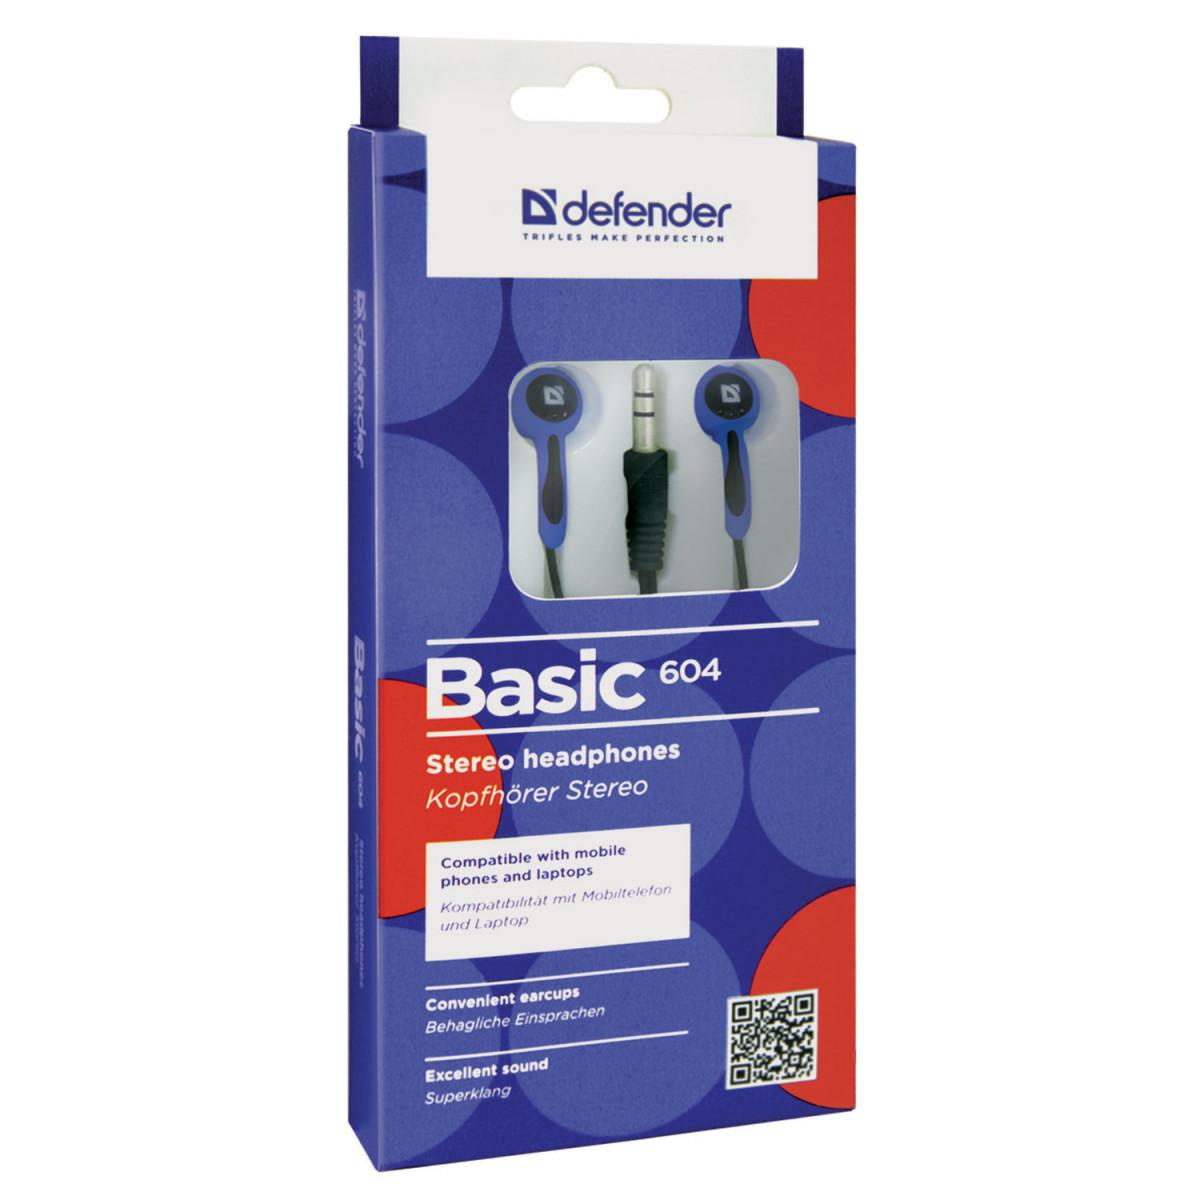 Наушники DEFENDER Basic 604, проводные, 1,2 м, вкладыши, черные с голубым, 63608 (арт. 63608)